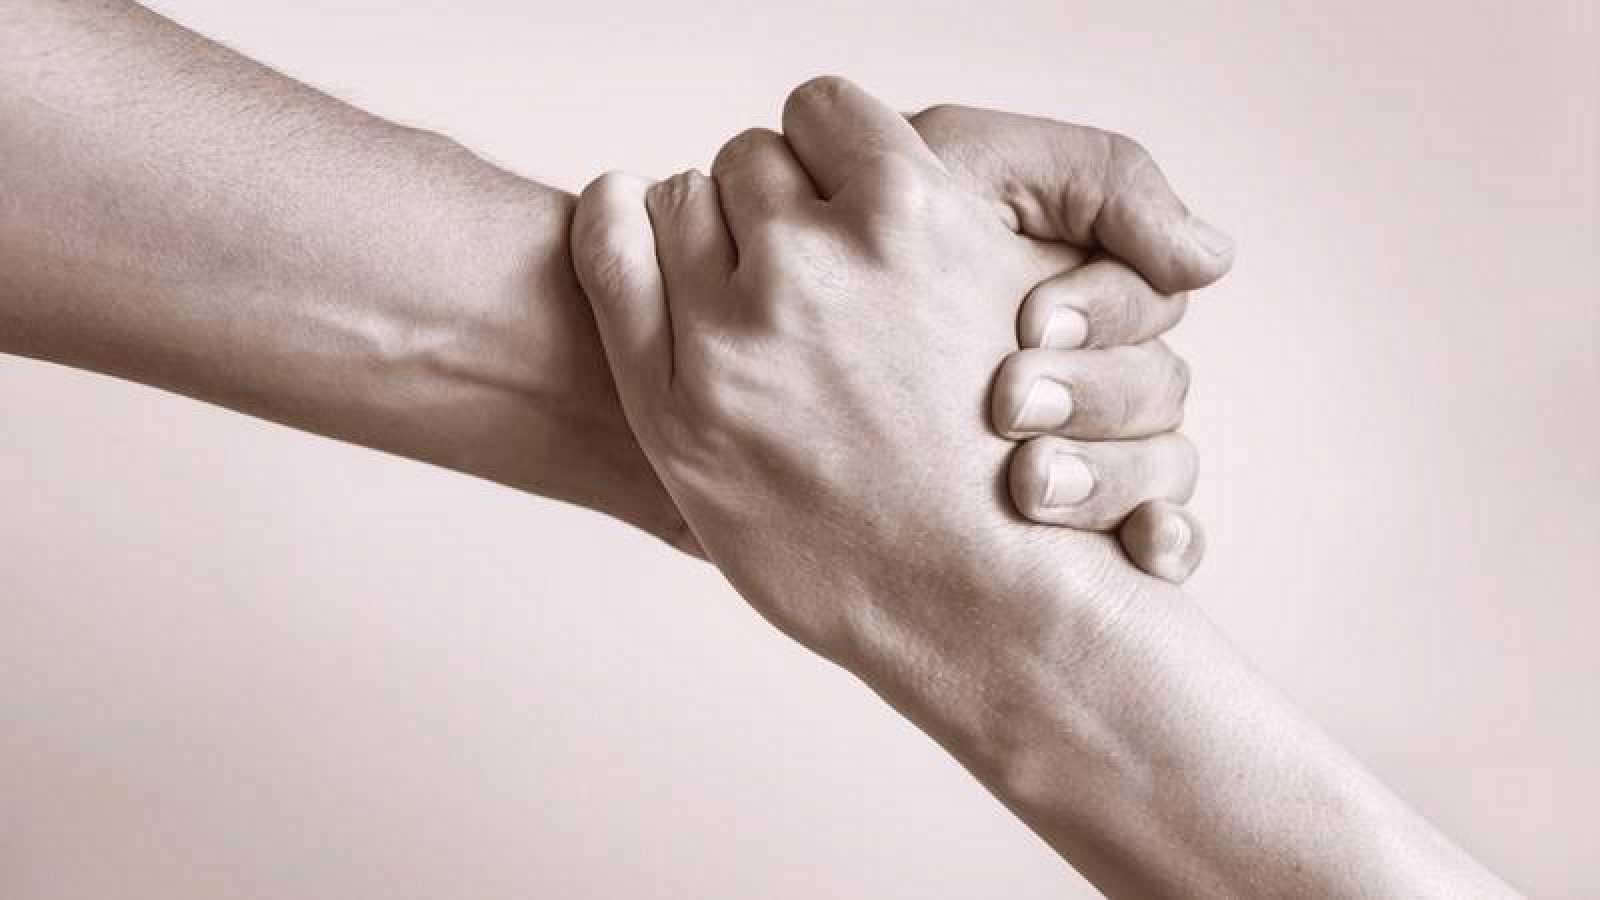 Descubre las claves para llevar de la mejor manera posible la situación de confinamiento en pareja.